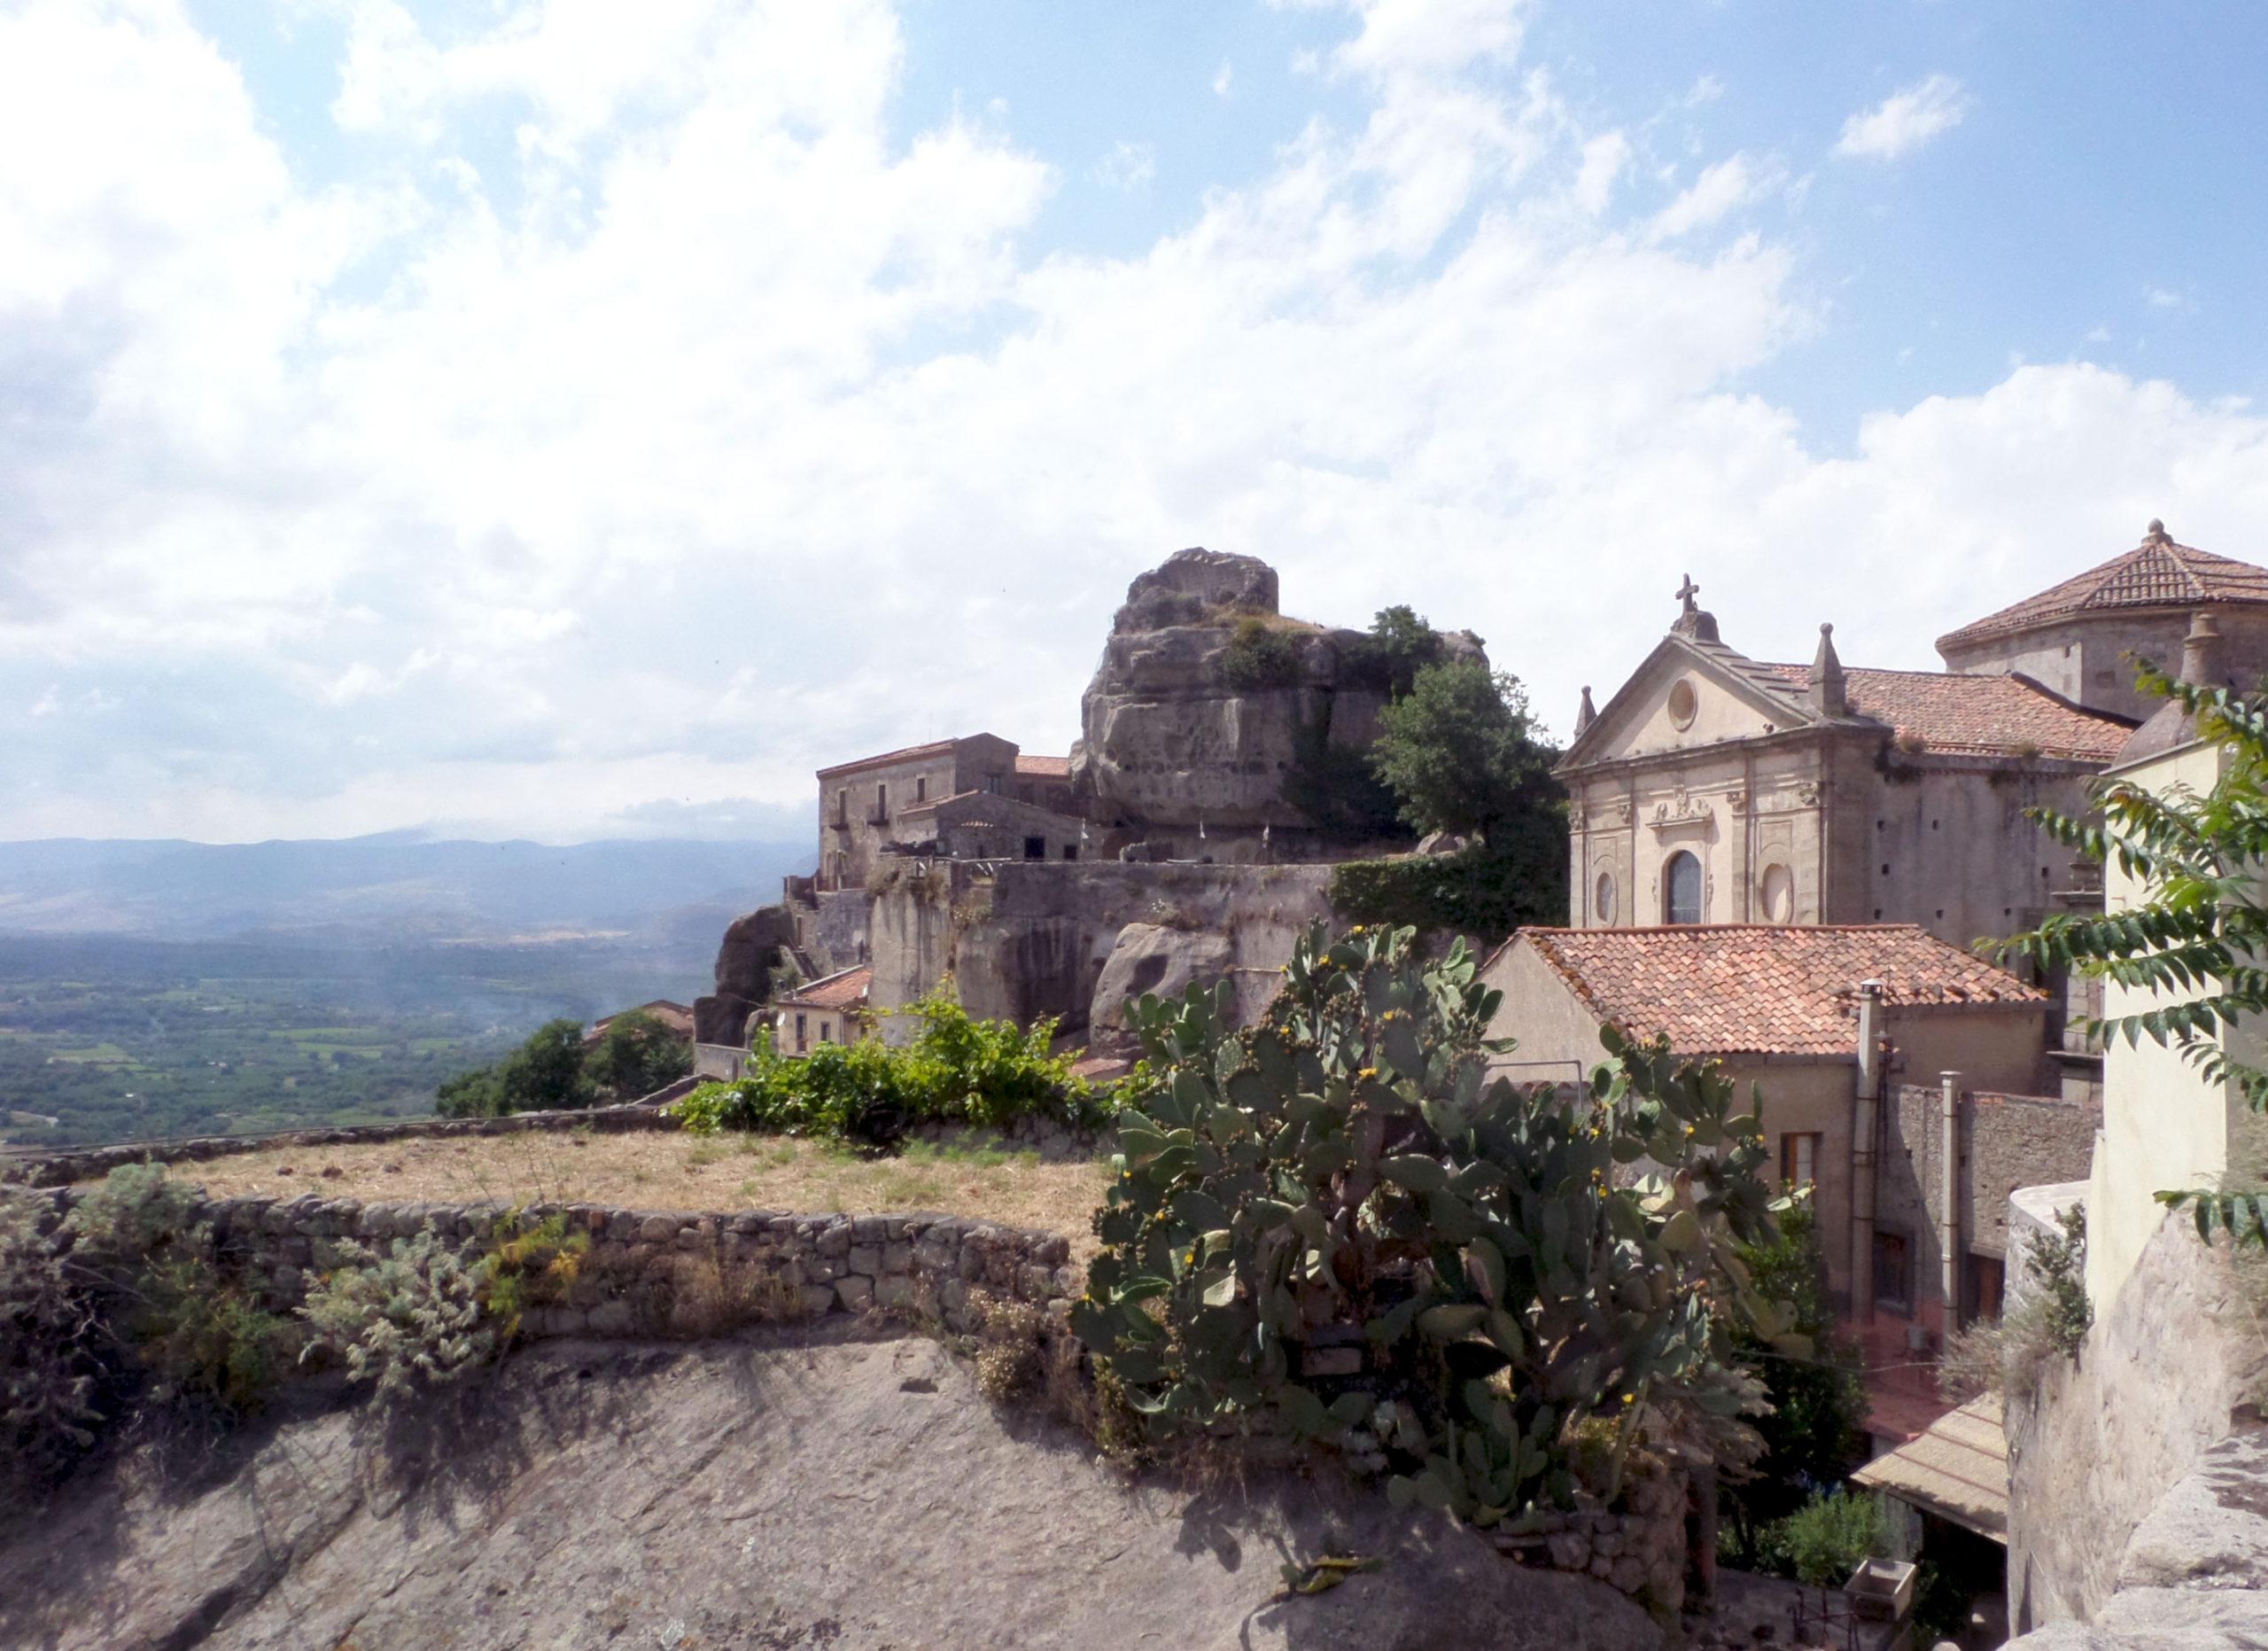 Alla scoperta dei borghi siciliani e della storia dell'isola: tappa a Castiglione di Sicilia